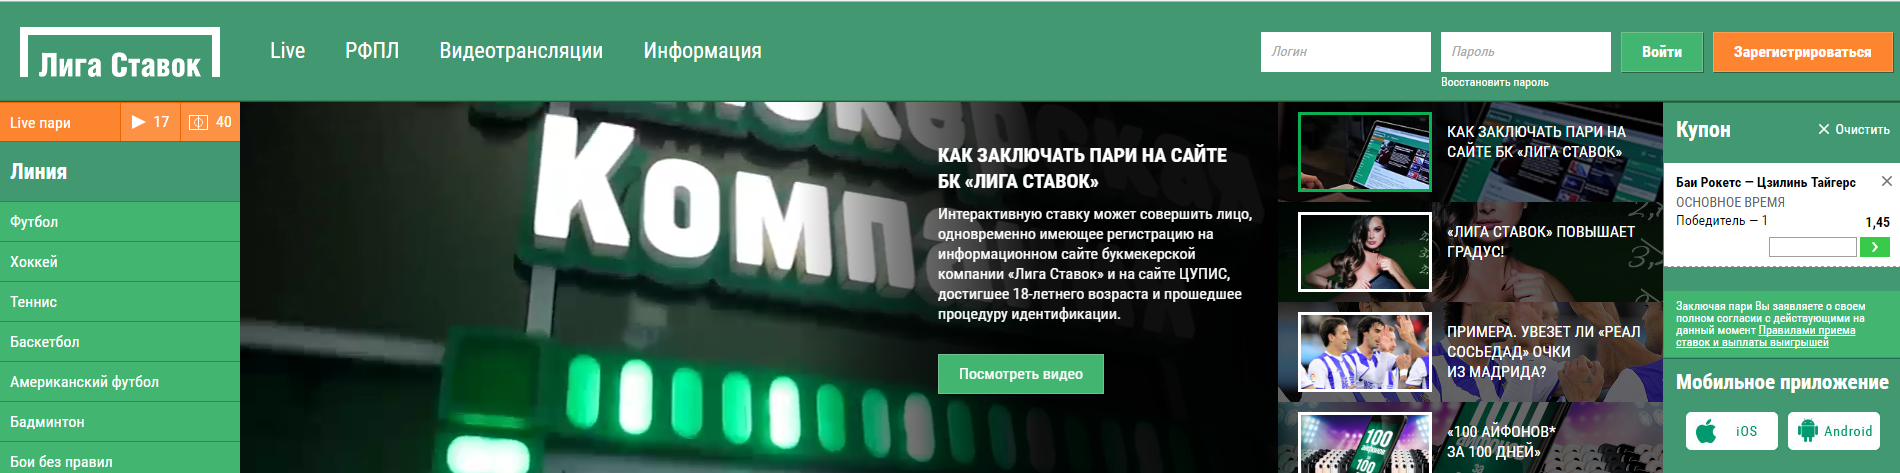 Марафон Букмекерская Контора Мобильное